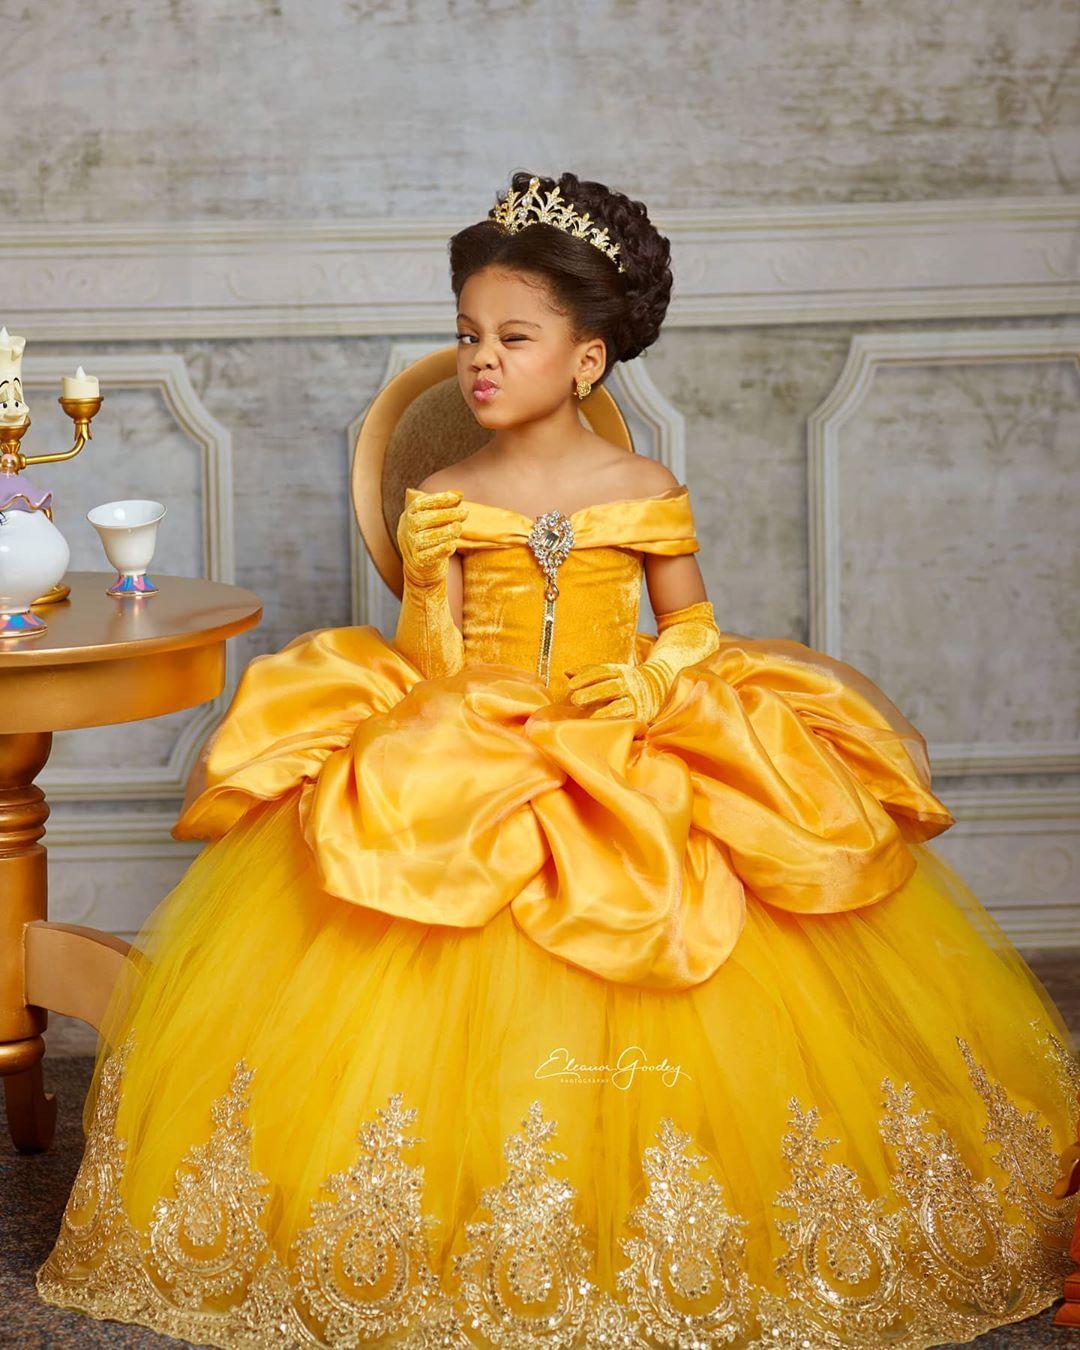 Cristales de encaje amarillo 2020 vestidos de niña de las flores Bateau balll vestido de boda de la niña se viste barato comunión desfile viste los vestidos F359